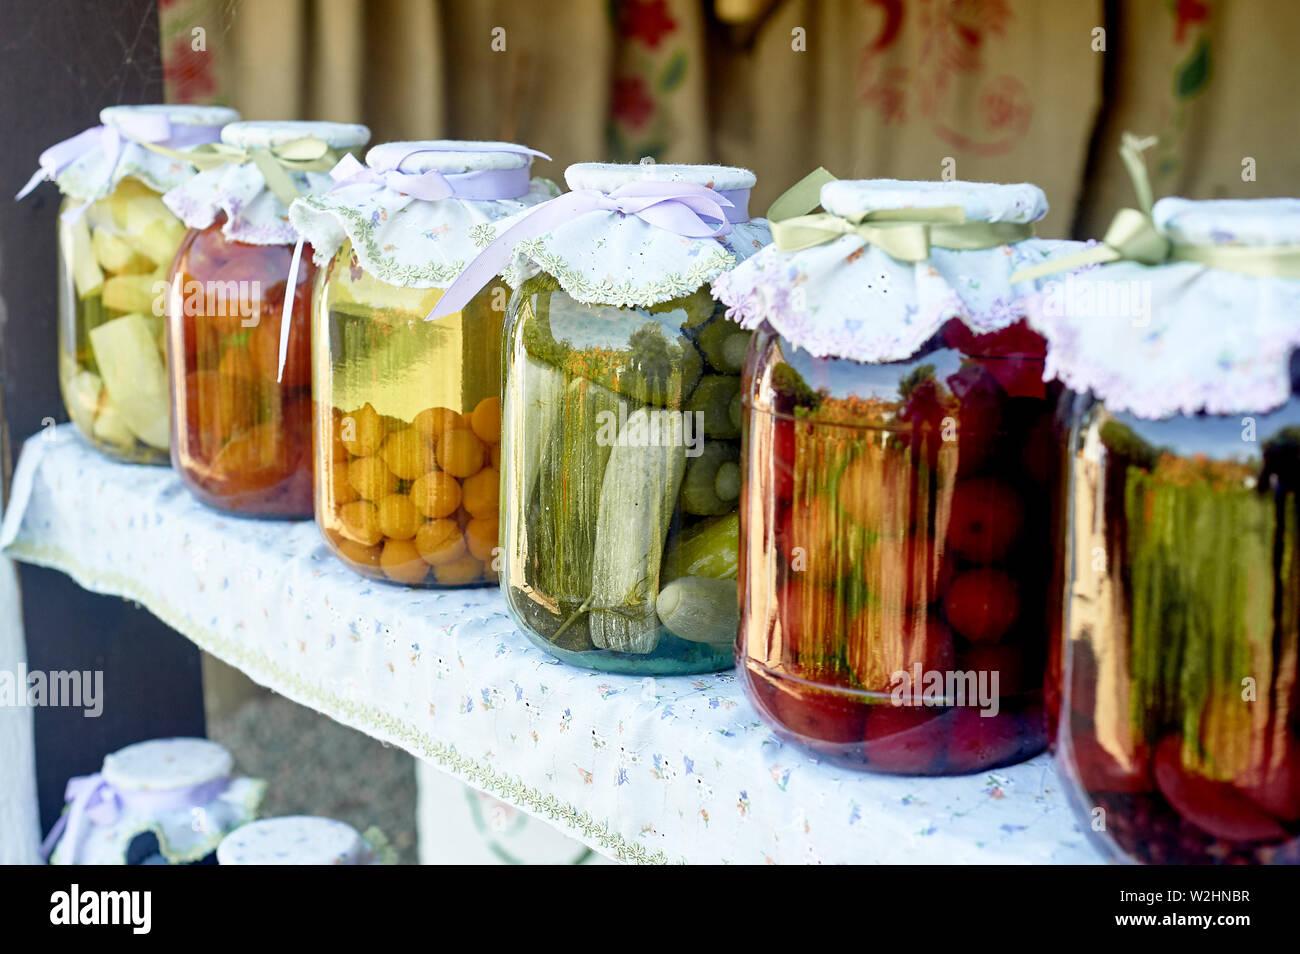 Erhaltung Salzen in großen Gläsern. Vorräte für den Winter. Konservierung von Obst und Gemüse für den Winter. Konserven in Gläsern. Stockfoto